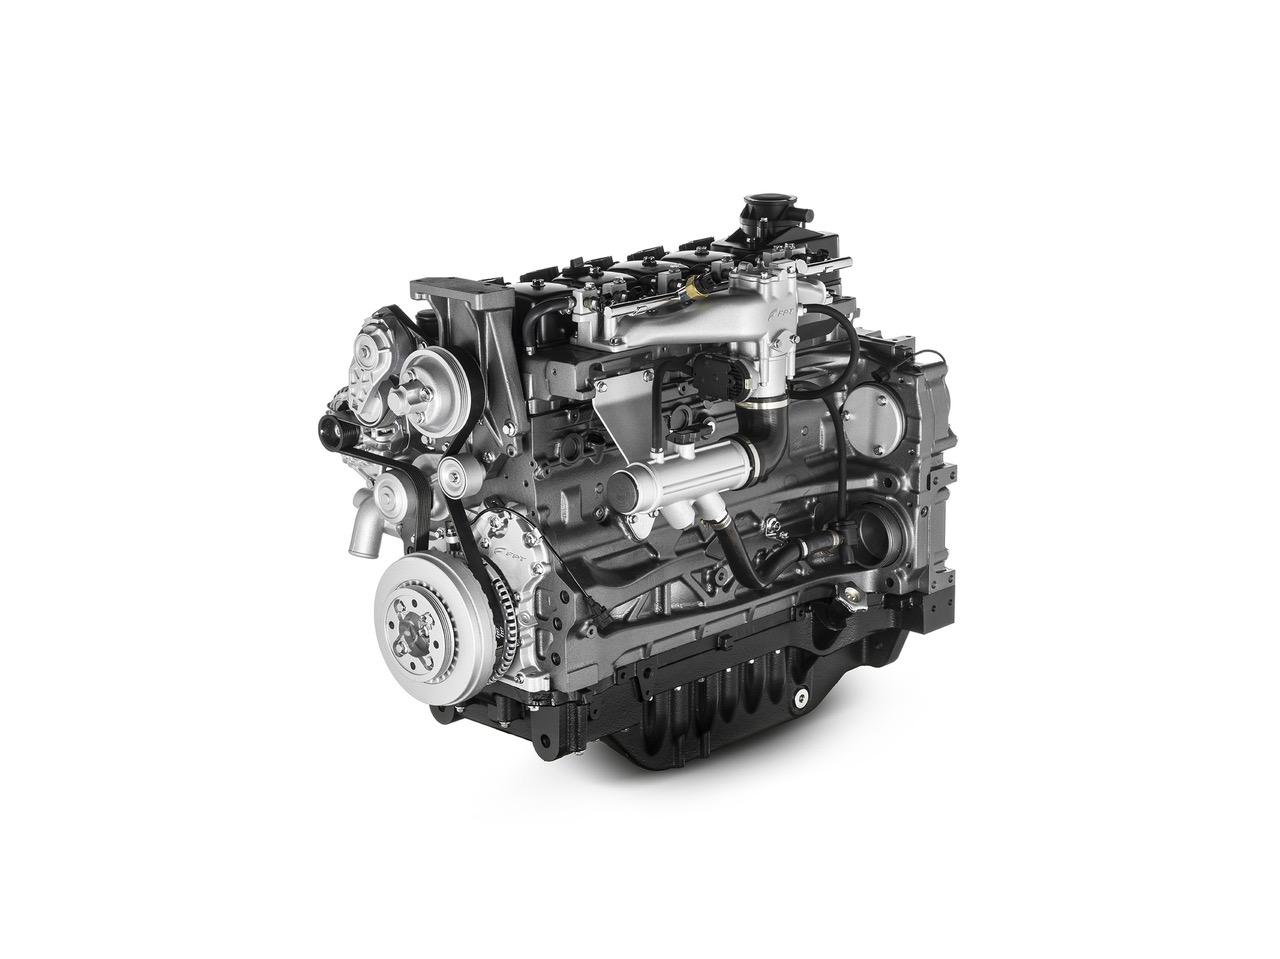 Un accordo per il biometano nelle applicazioni industriali - bauma 2019 FTP motore motori -Attrezzature&Componenti Notizie Veicoli industriali e leggeri - MC5.0-Macchine Cantieri 1